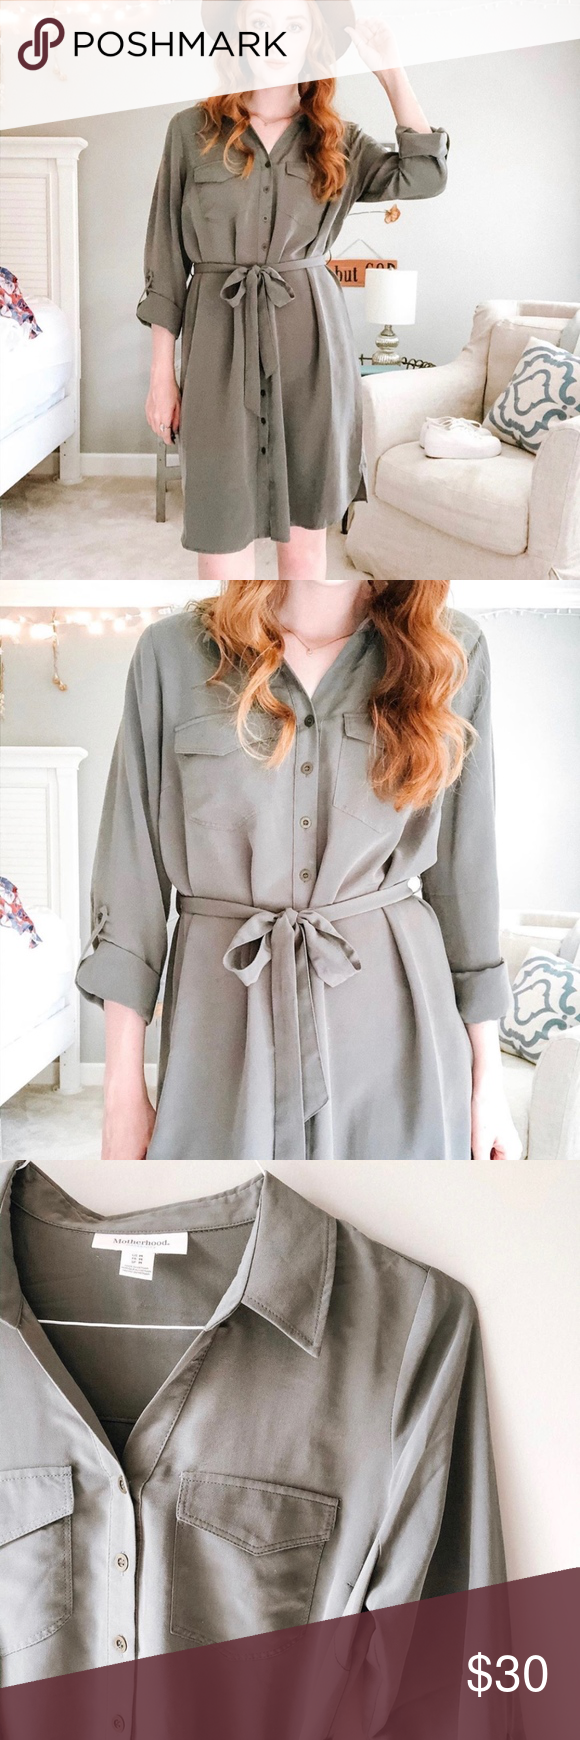 Photo of Army Green Tie Dress Nydelig silkeaktig nedkjørt kjole med rammen som …